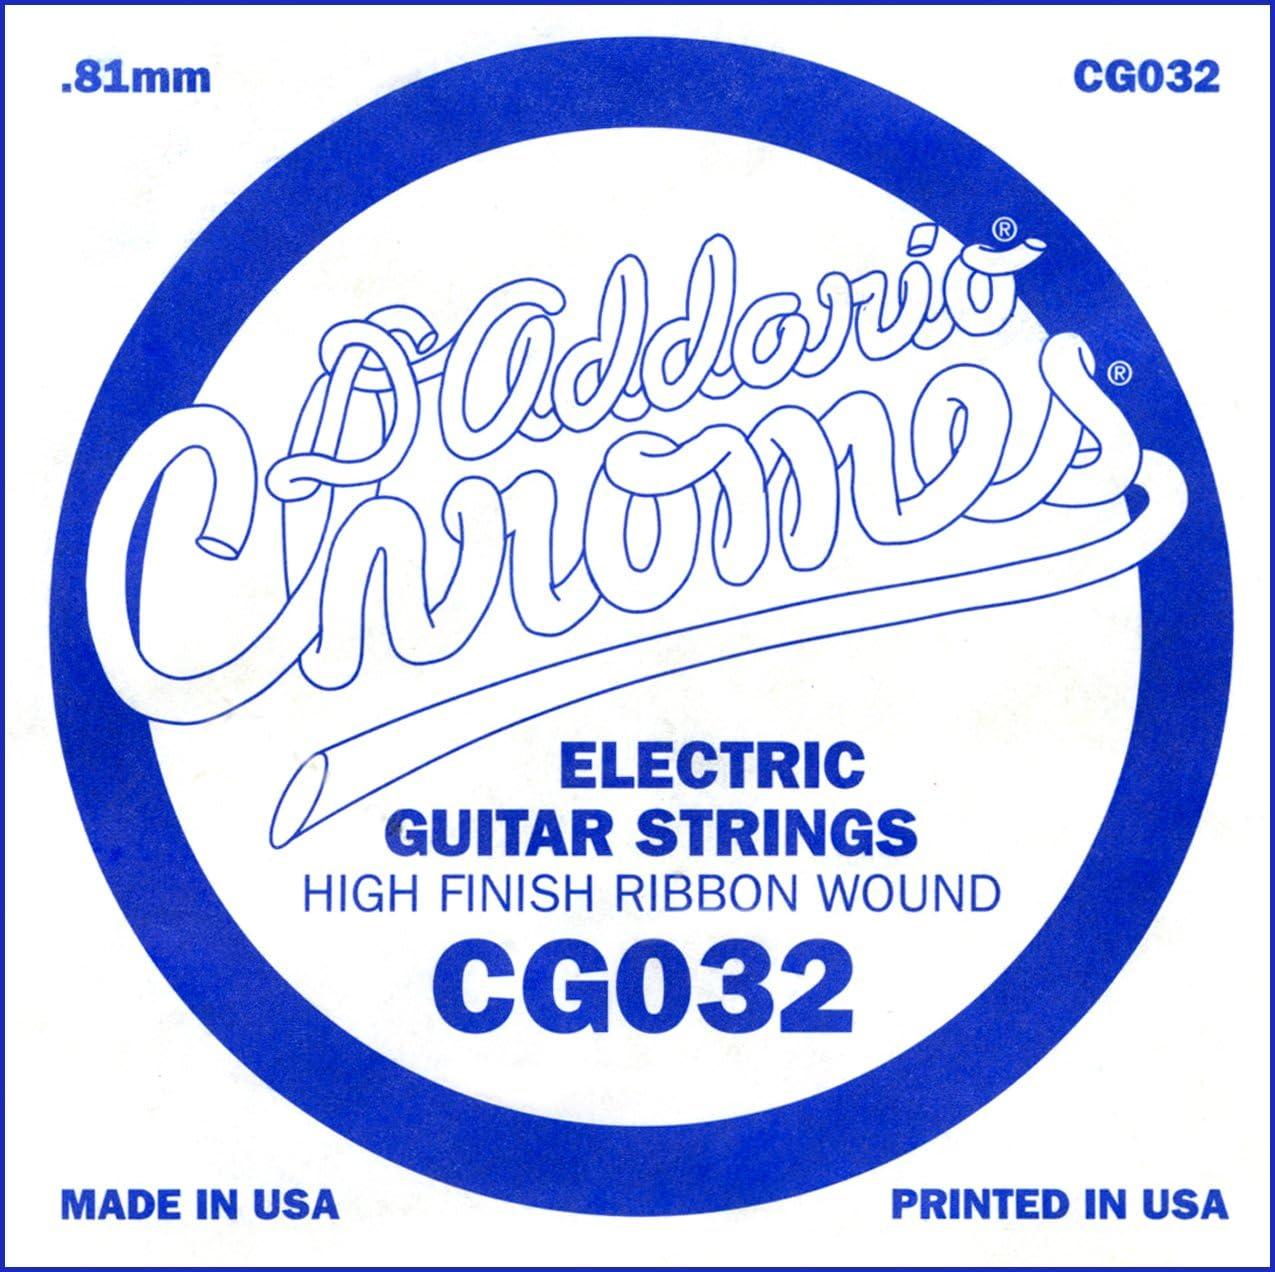 D'Addario CG032, cuerda individual de entorchado plano para guitarra eléctrica.032